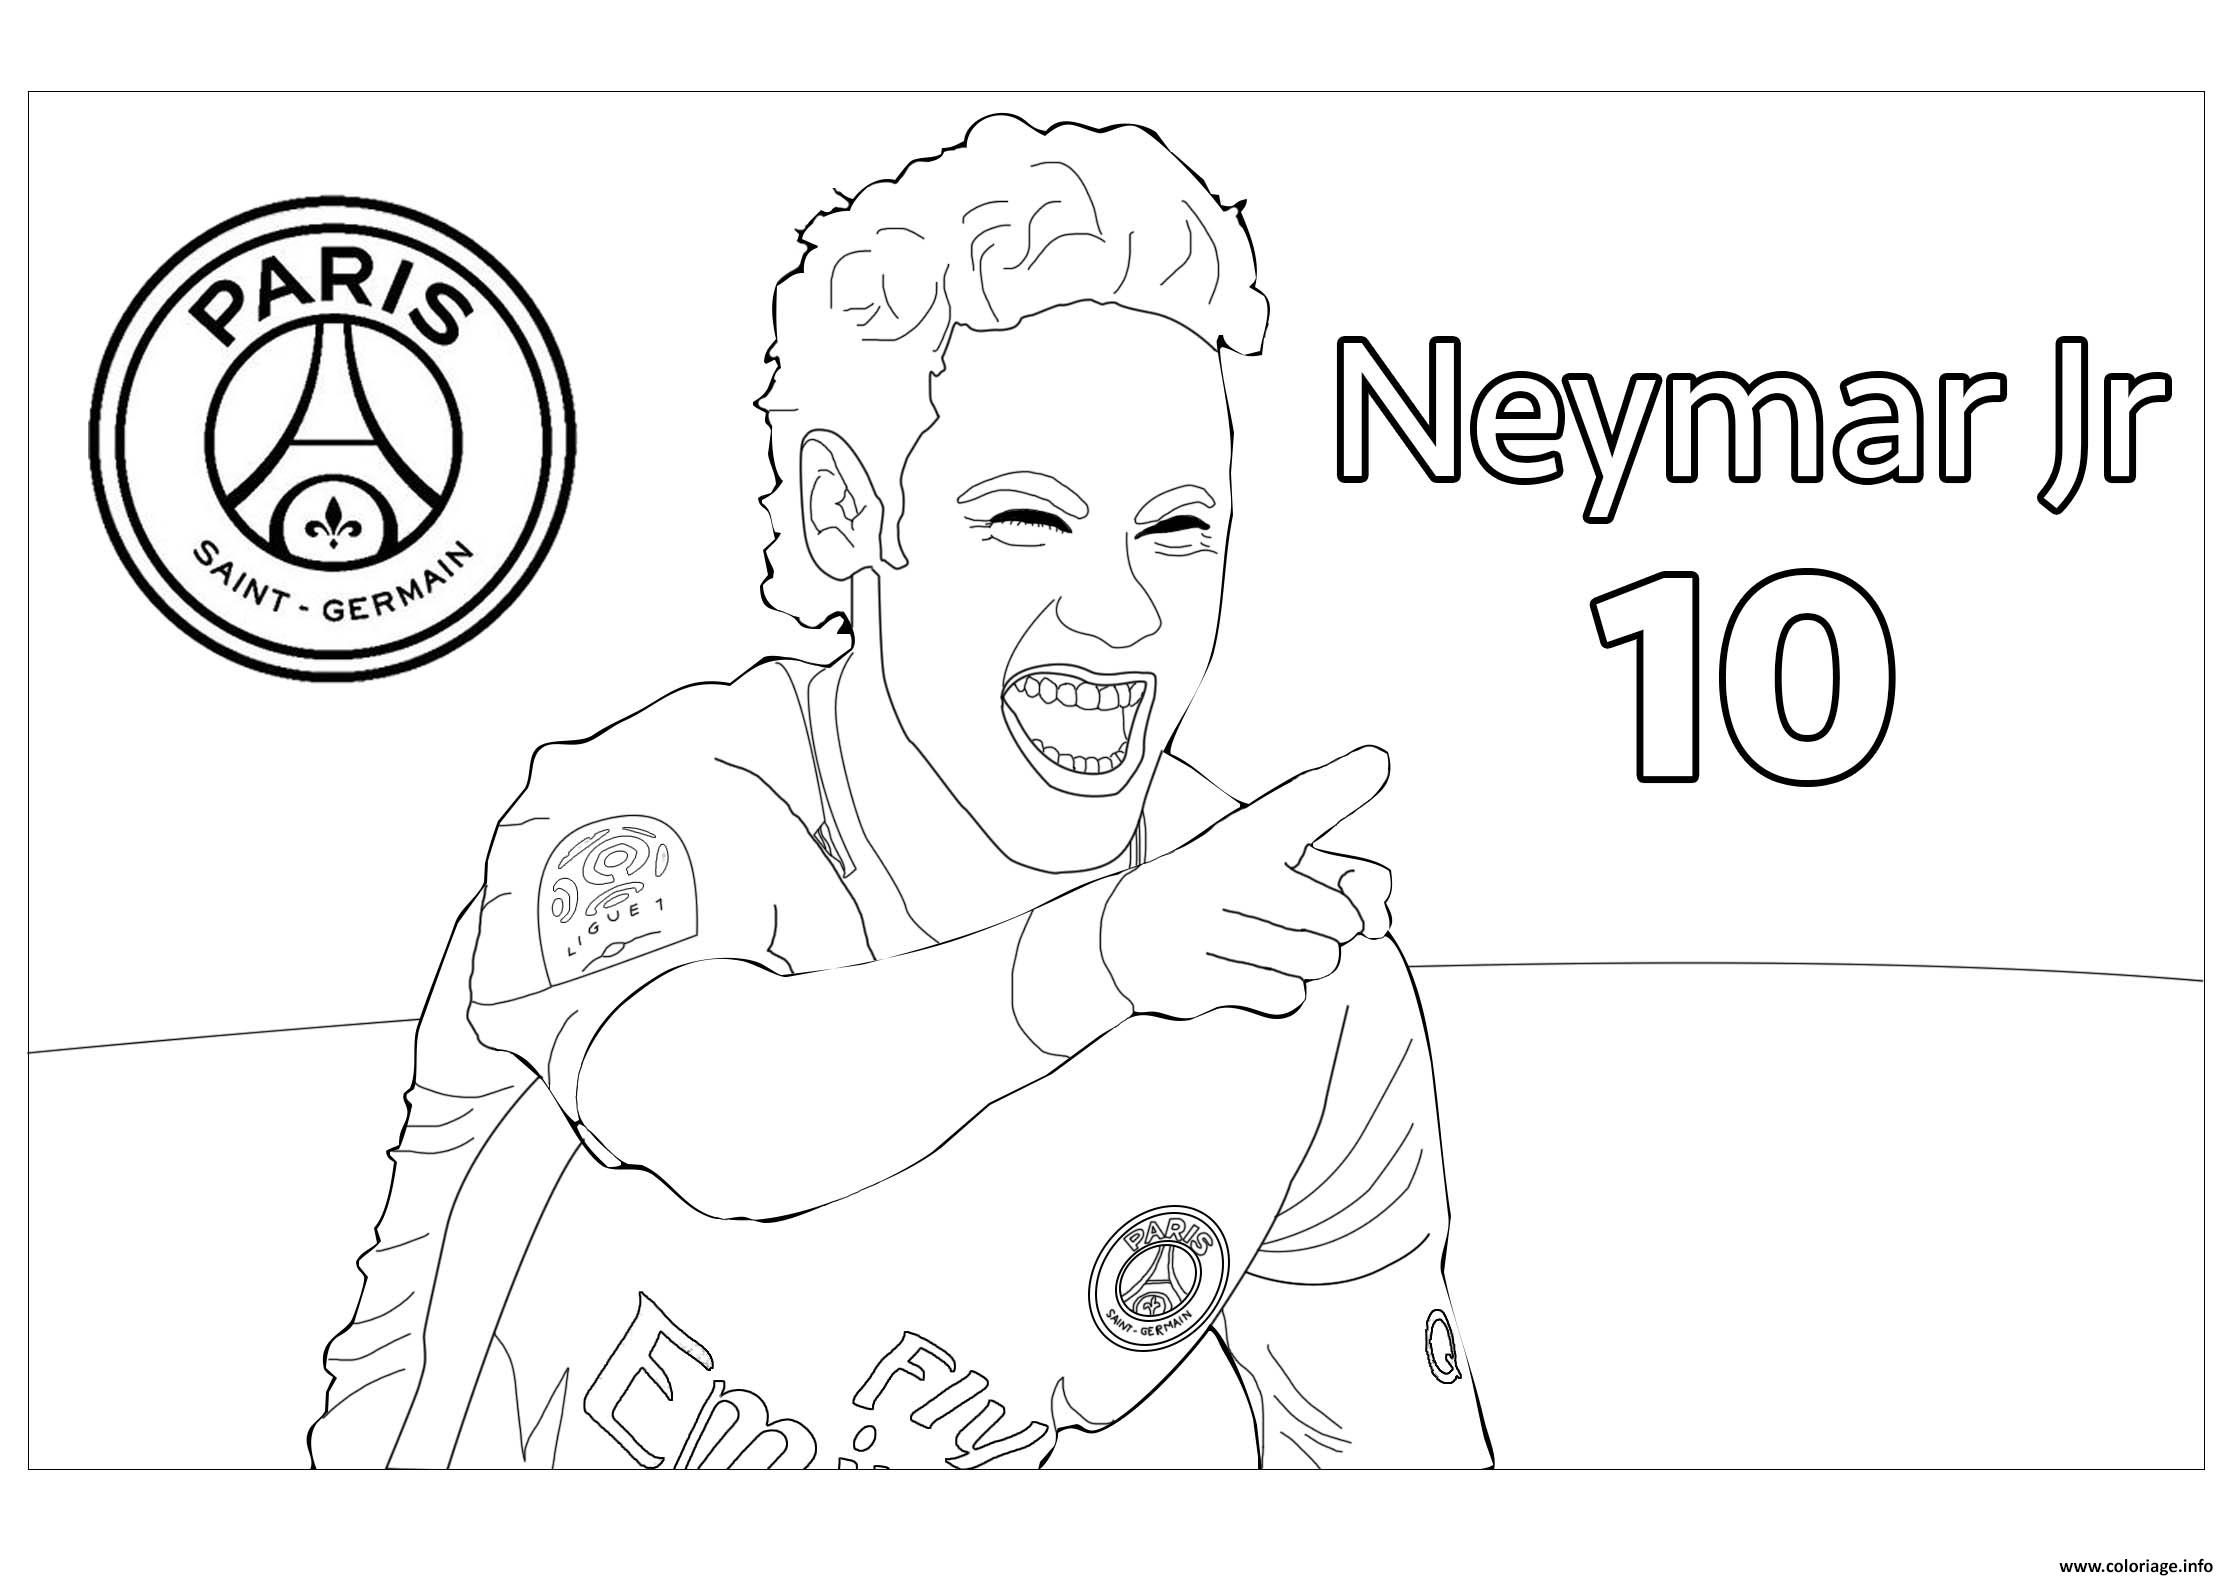 Coloriage joueur de foot neymar jr psg - Image de joueur de foot a imprimer ...